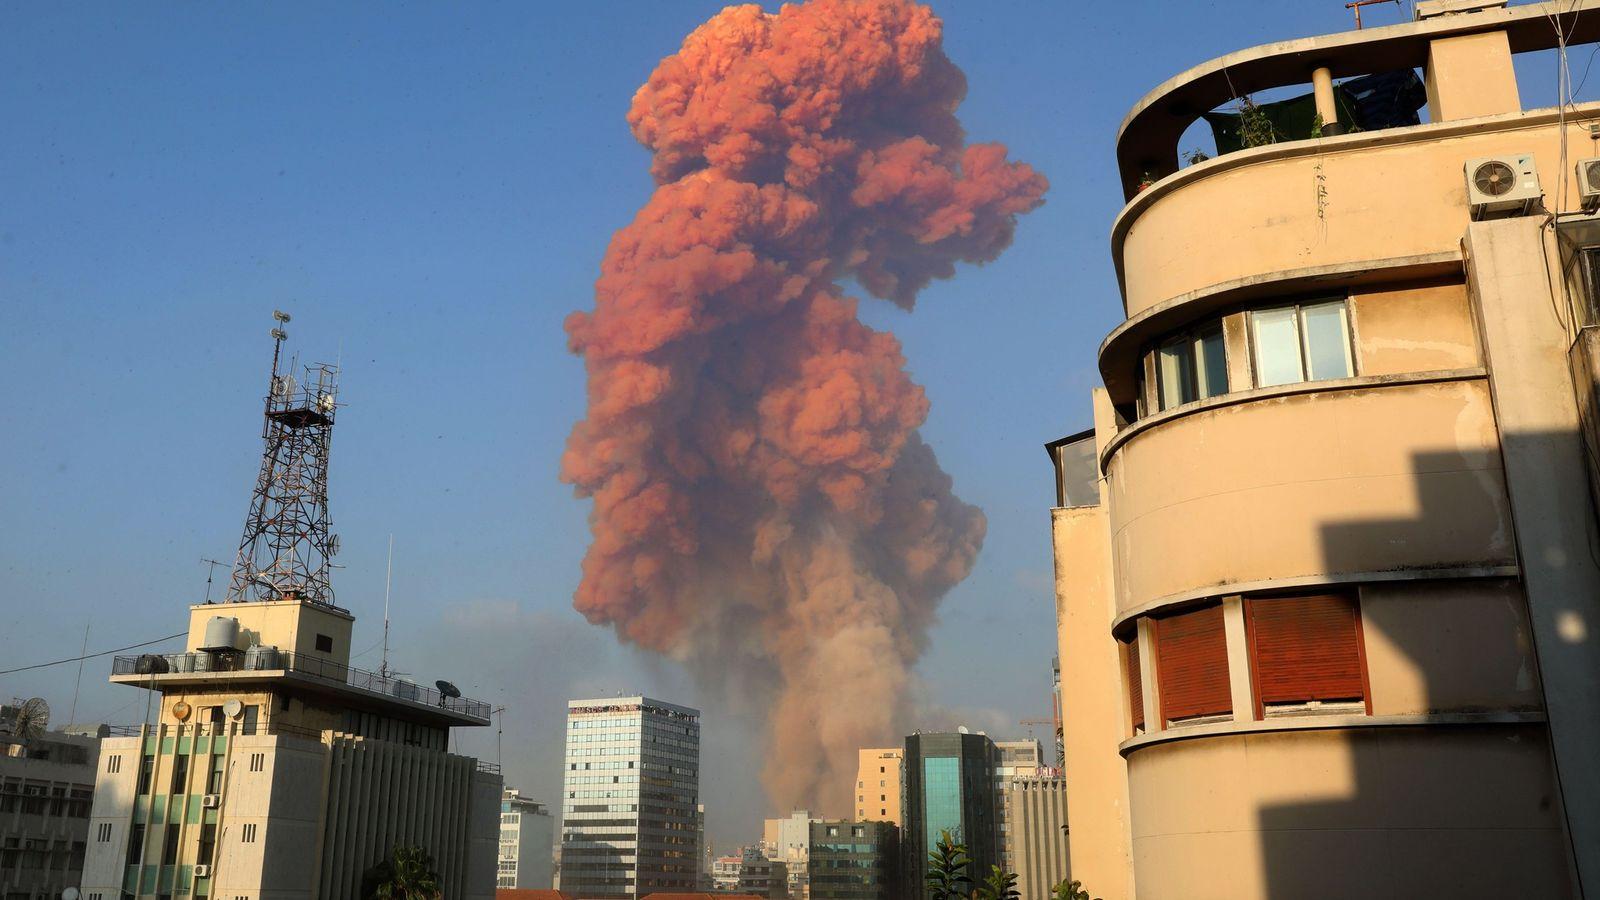 Eine große Explosion erschütterte am 4. August die libanesische Hauptstadt Beirut. Die Detonation, die ganze Gebäude ...